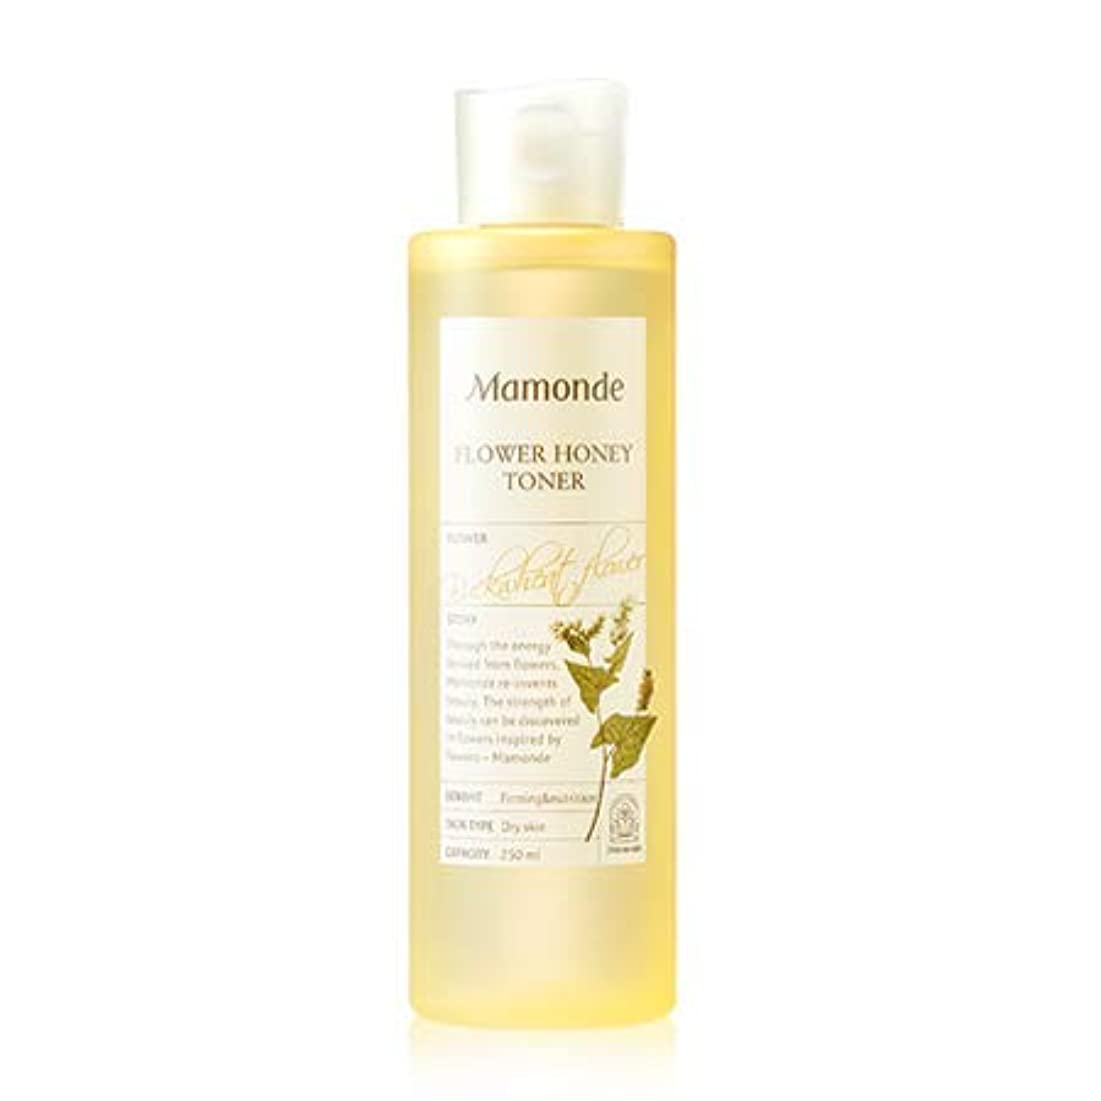 ロードハウス退化する乳白色Mamonde Flower Honey Toner マモンド フラワー ハニー トナー 250ml [並行輸入品]